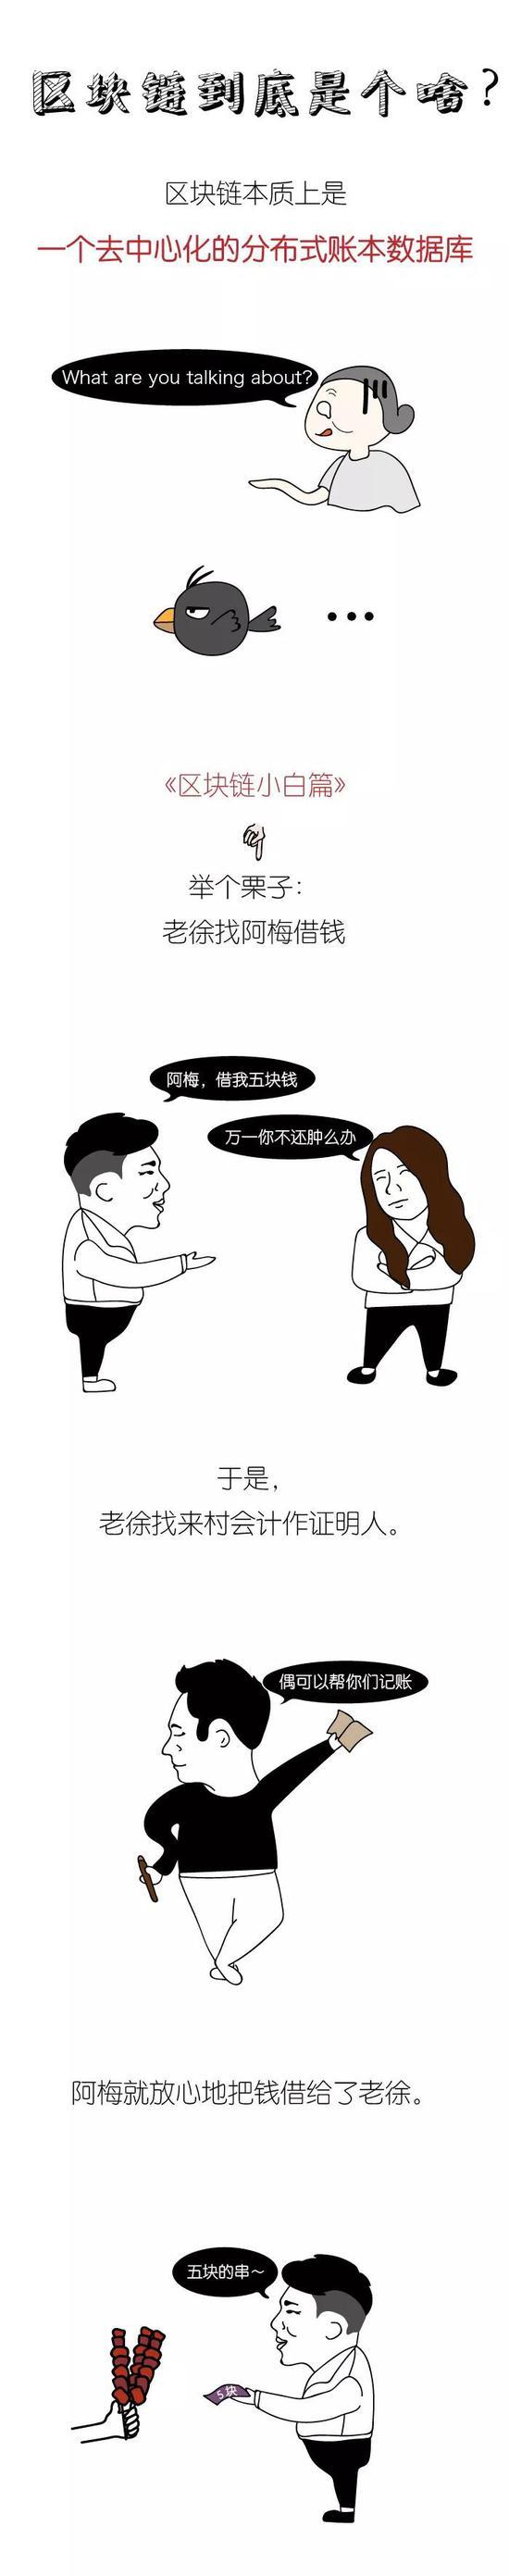 韦德下载网址_天津西青水西公园43亿地块暂停挂牌 此前曾降价7亿两度延期